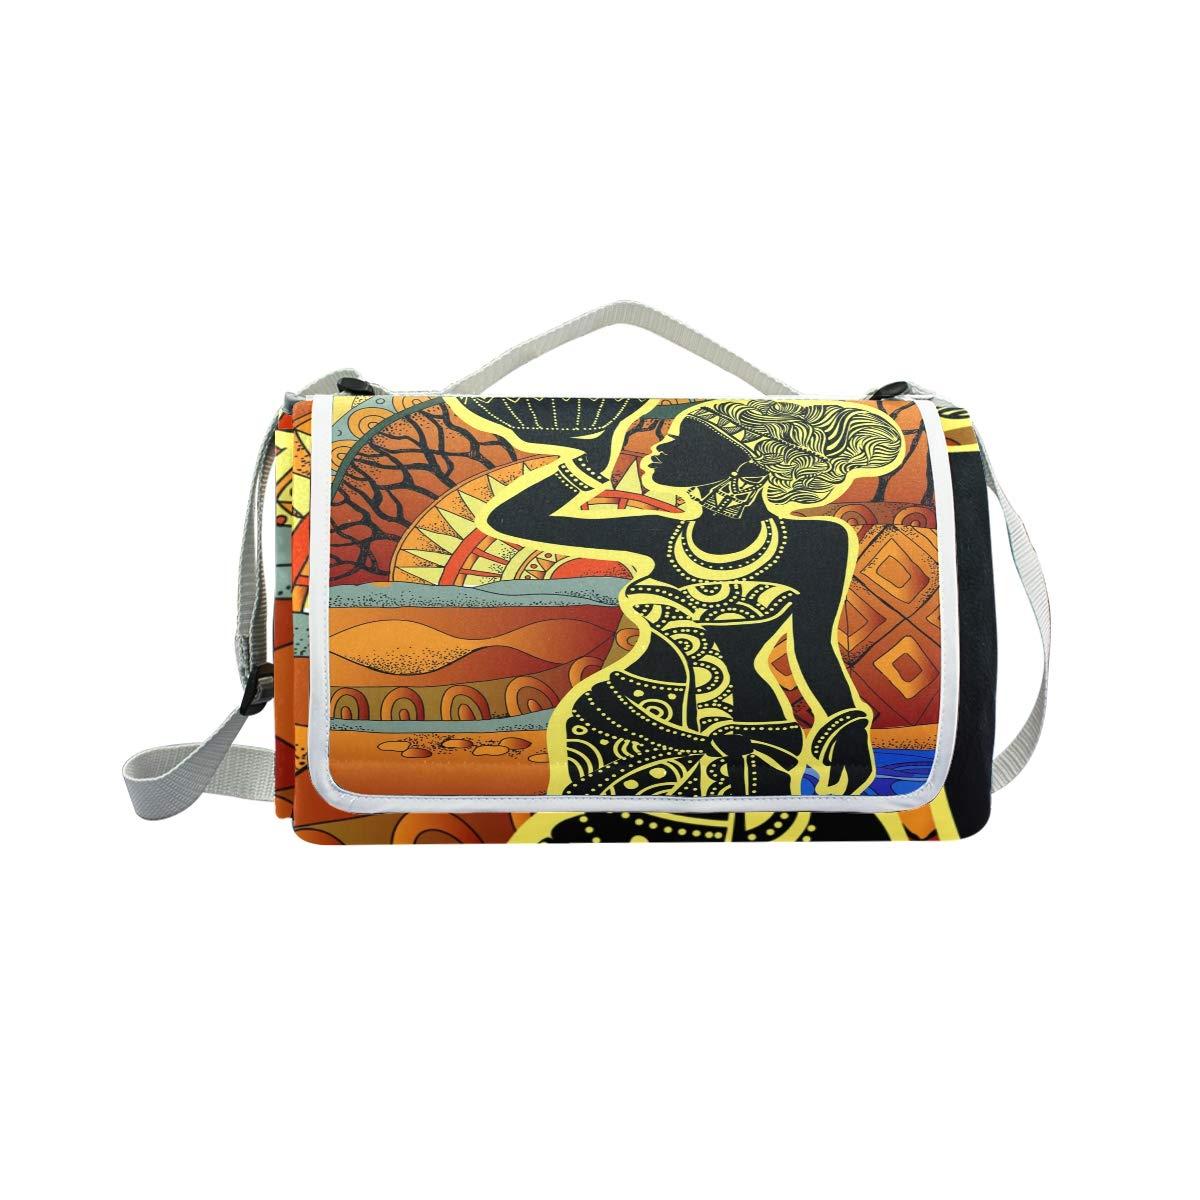 Jeansame Vintage Etnico Boemia Donne Picnic Mat Coperta da Picnic, da Campeggio per Outdoor Viaggio Yoga Escursionismo Impermeabile Portatile Pieghevole 150 x 145 cm